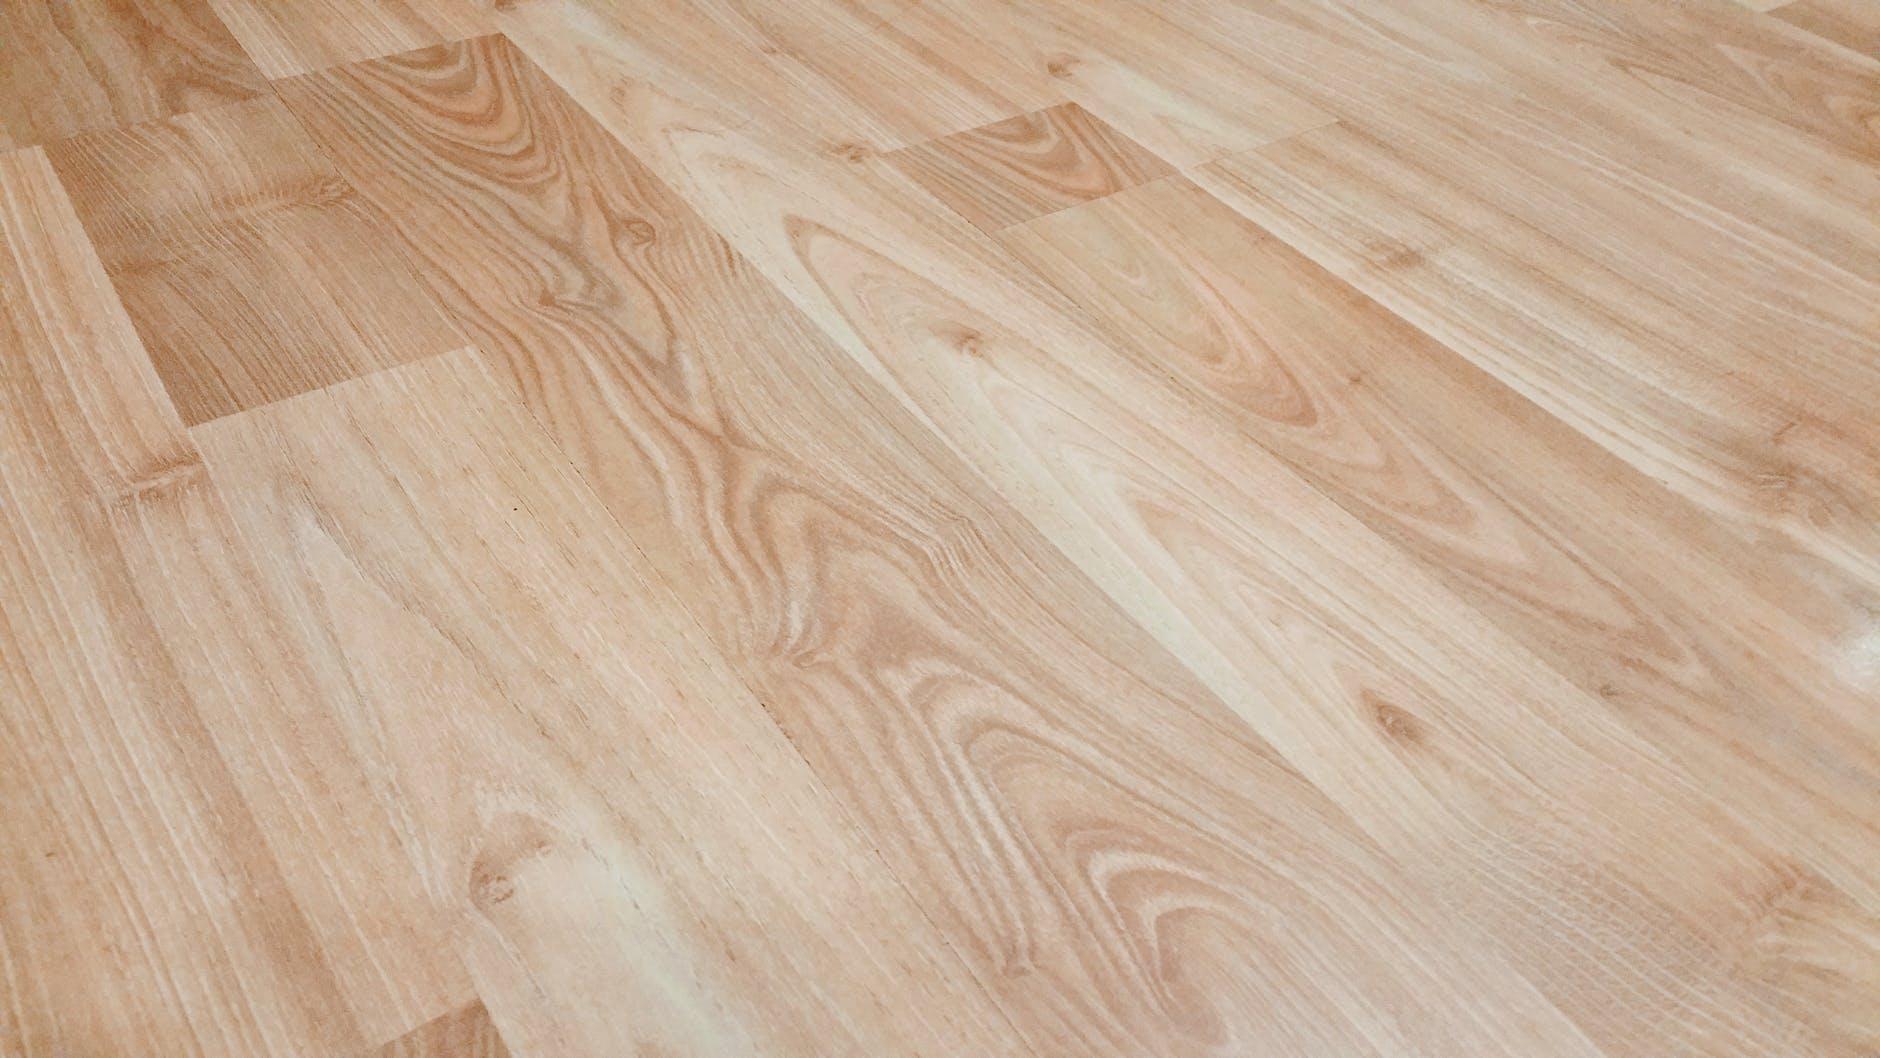 faux laminate wood planks on floor